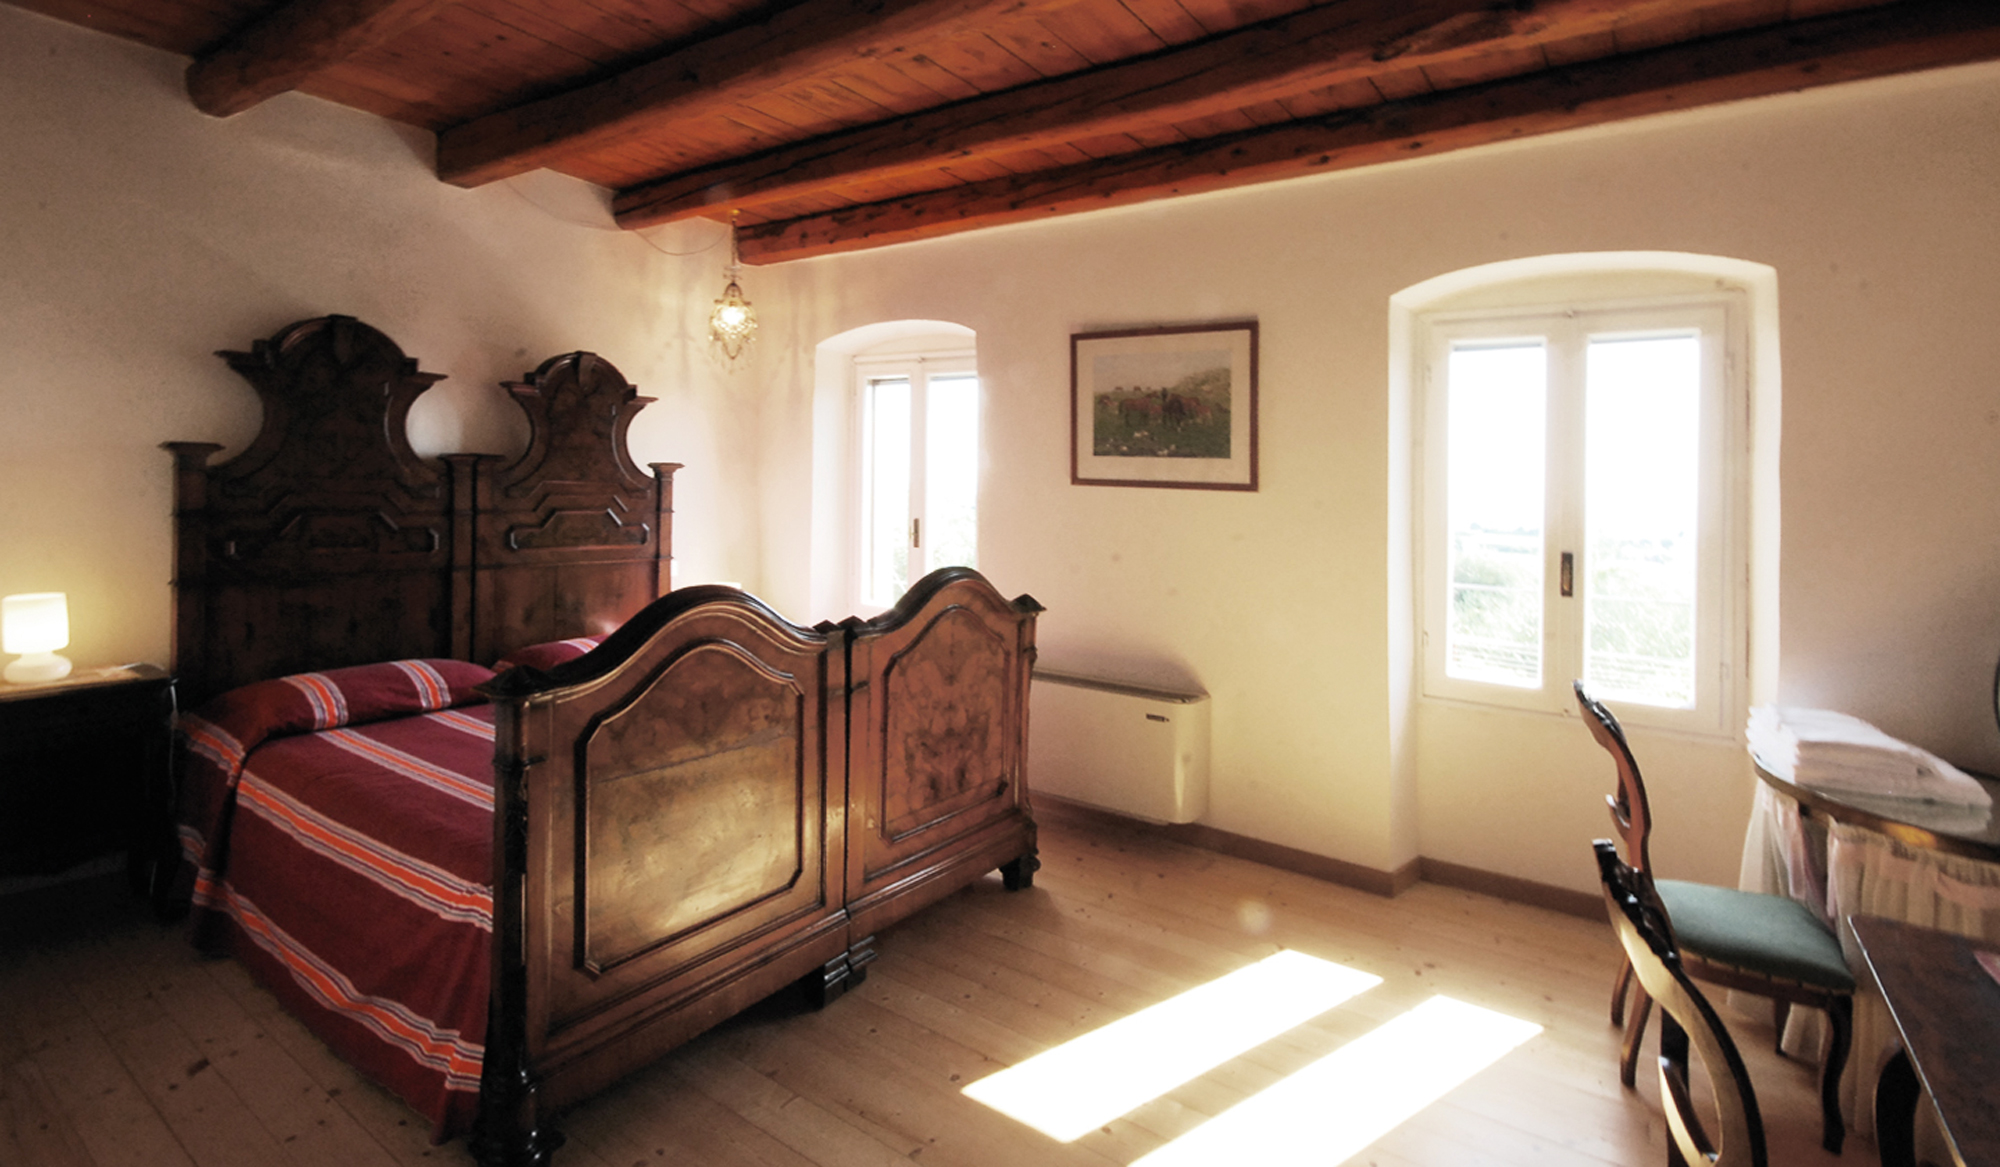 Camera classica - Ristrutturare mobili vecchi ...